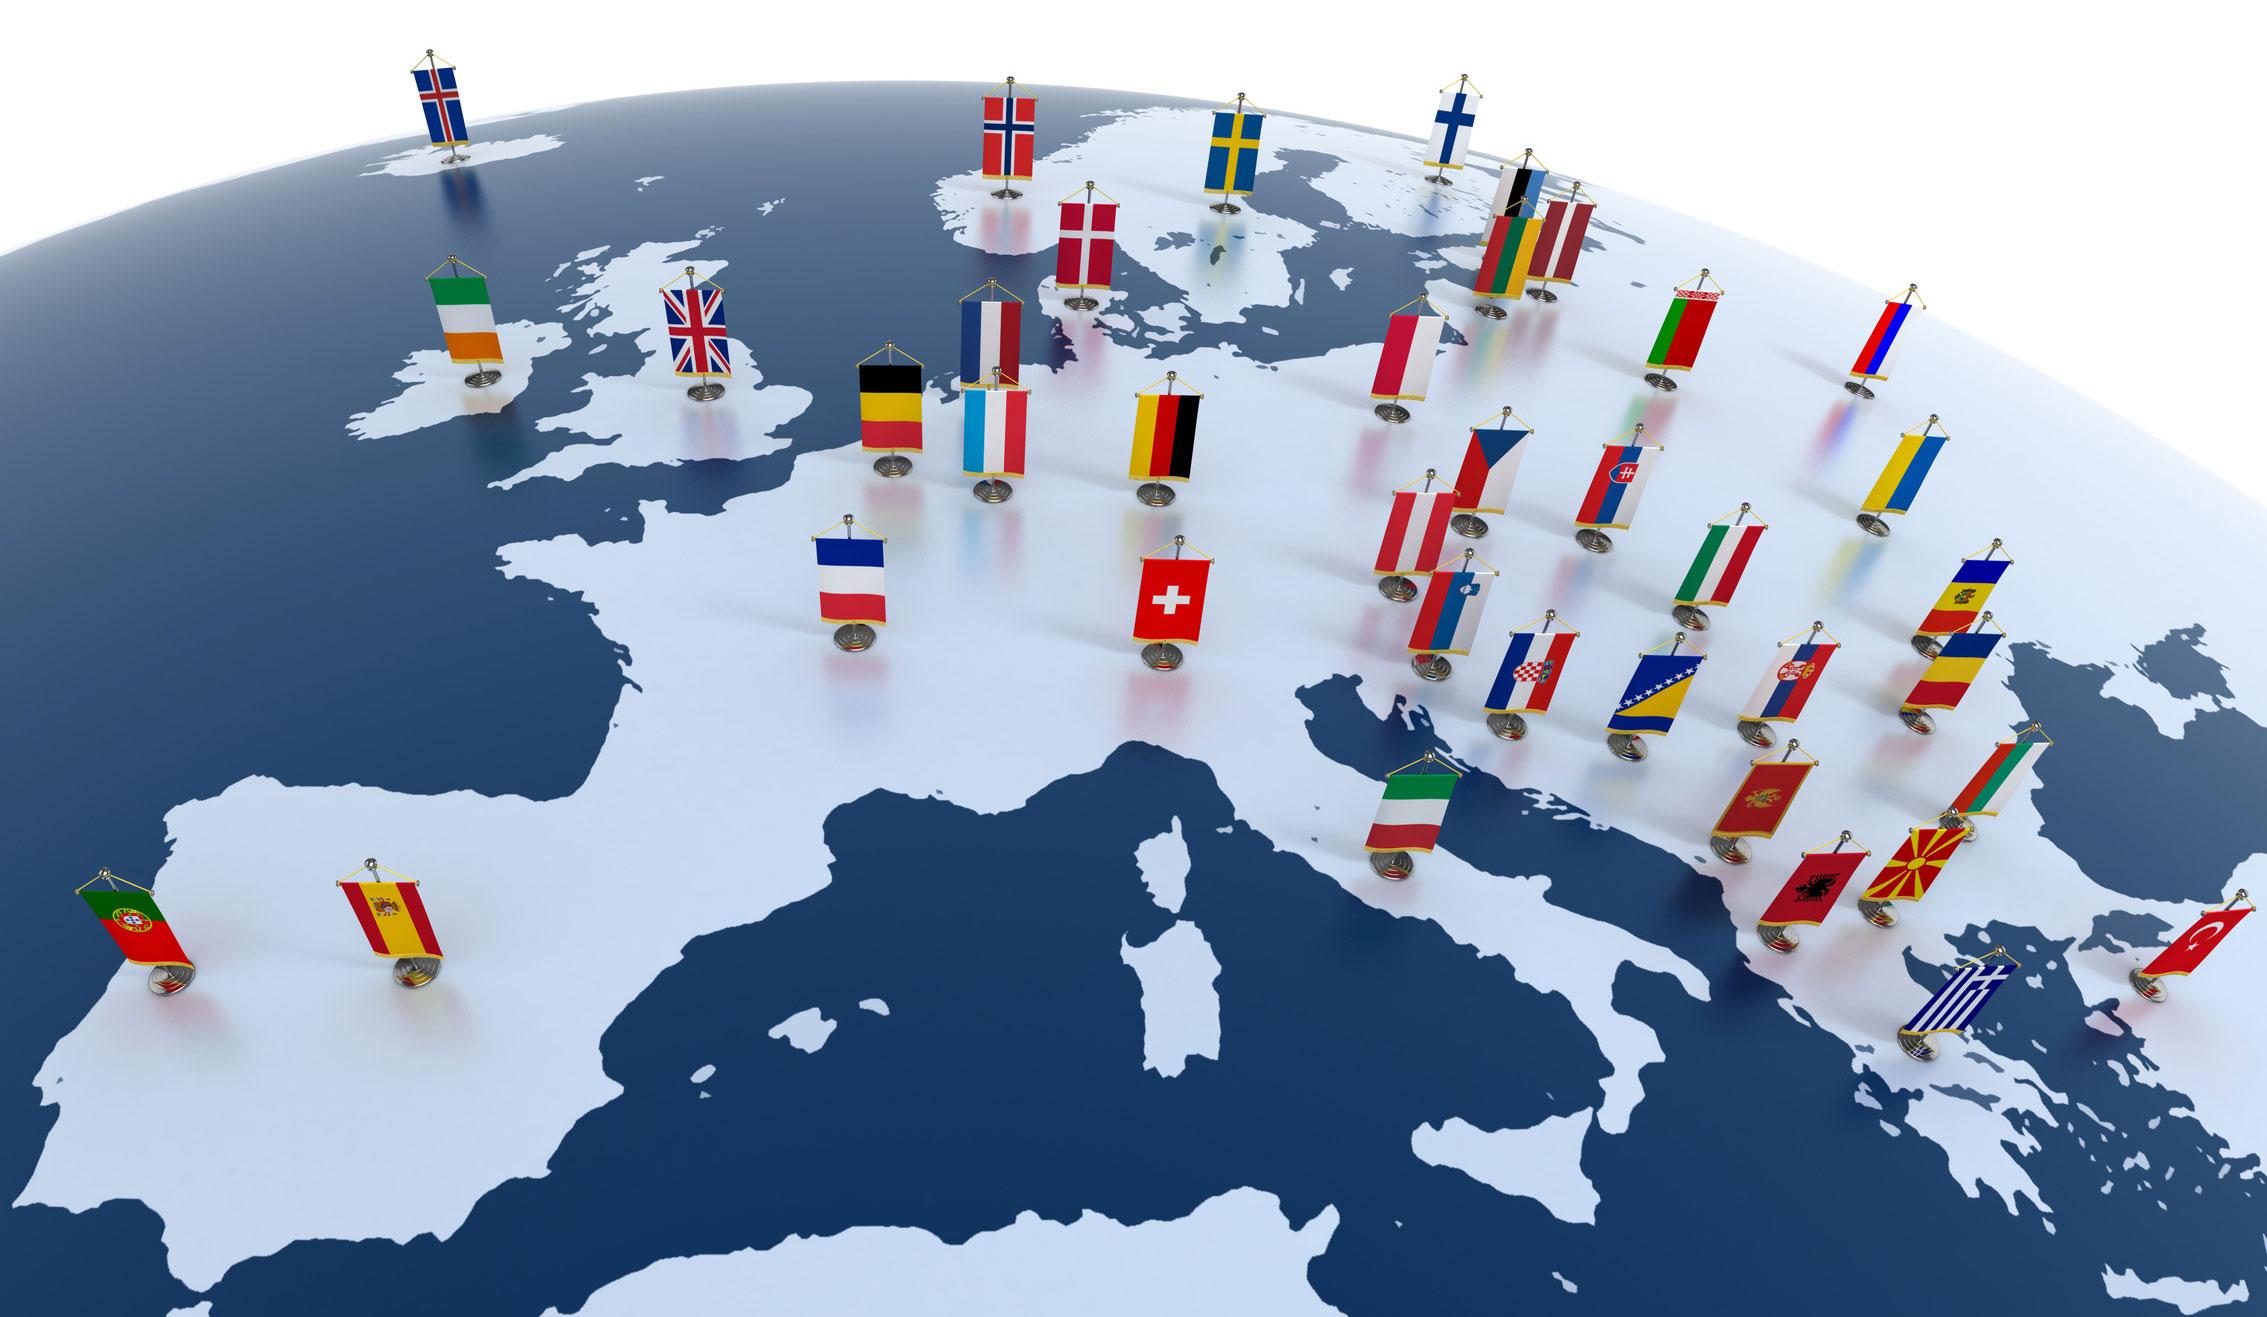 """di Valerio Acri """"L'Europa non potrà farsi in una sola volta, né sarà costruita tutta insieme; essa sorgerà da realizzazioni concrete che creino anzitutto una solidarietà di fatto"""". Quando il 9 maggio 1950 l'allora ministro degli Esteri francese Robert Schuman prese la parola nella Sala dell'Orologio dell'omonimo dicastero di Parigi lo fece per dar voce a un grido di pace che emanava dalle macerie della Seconda Guerra Mondiale riecheggiando in ogni angolo del Vecchio Continente."""